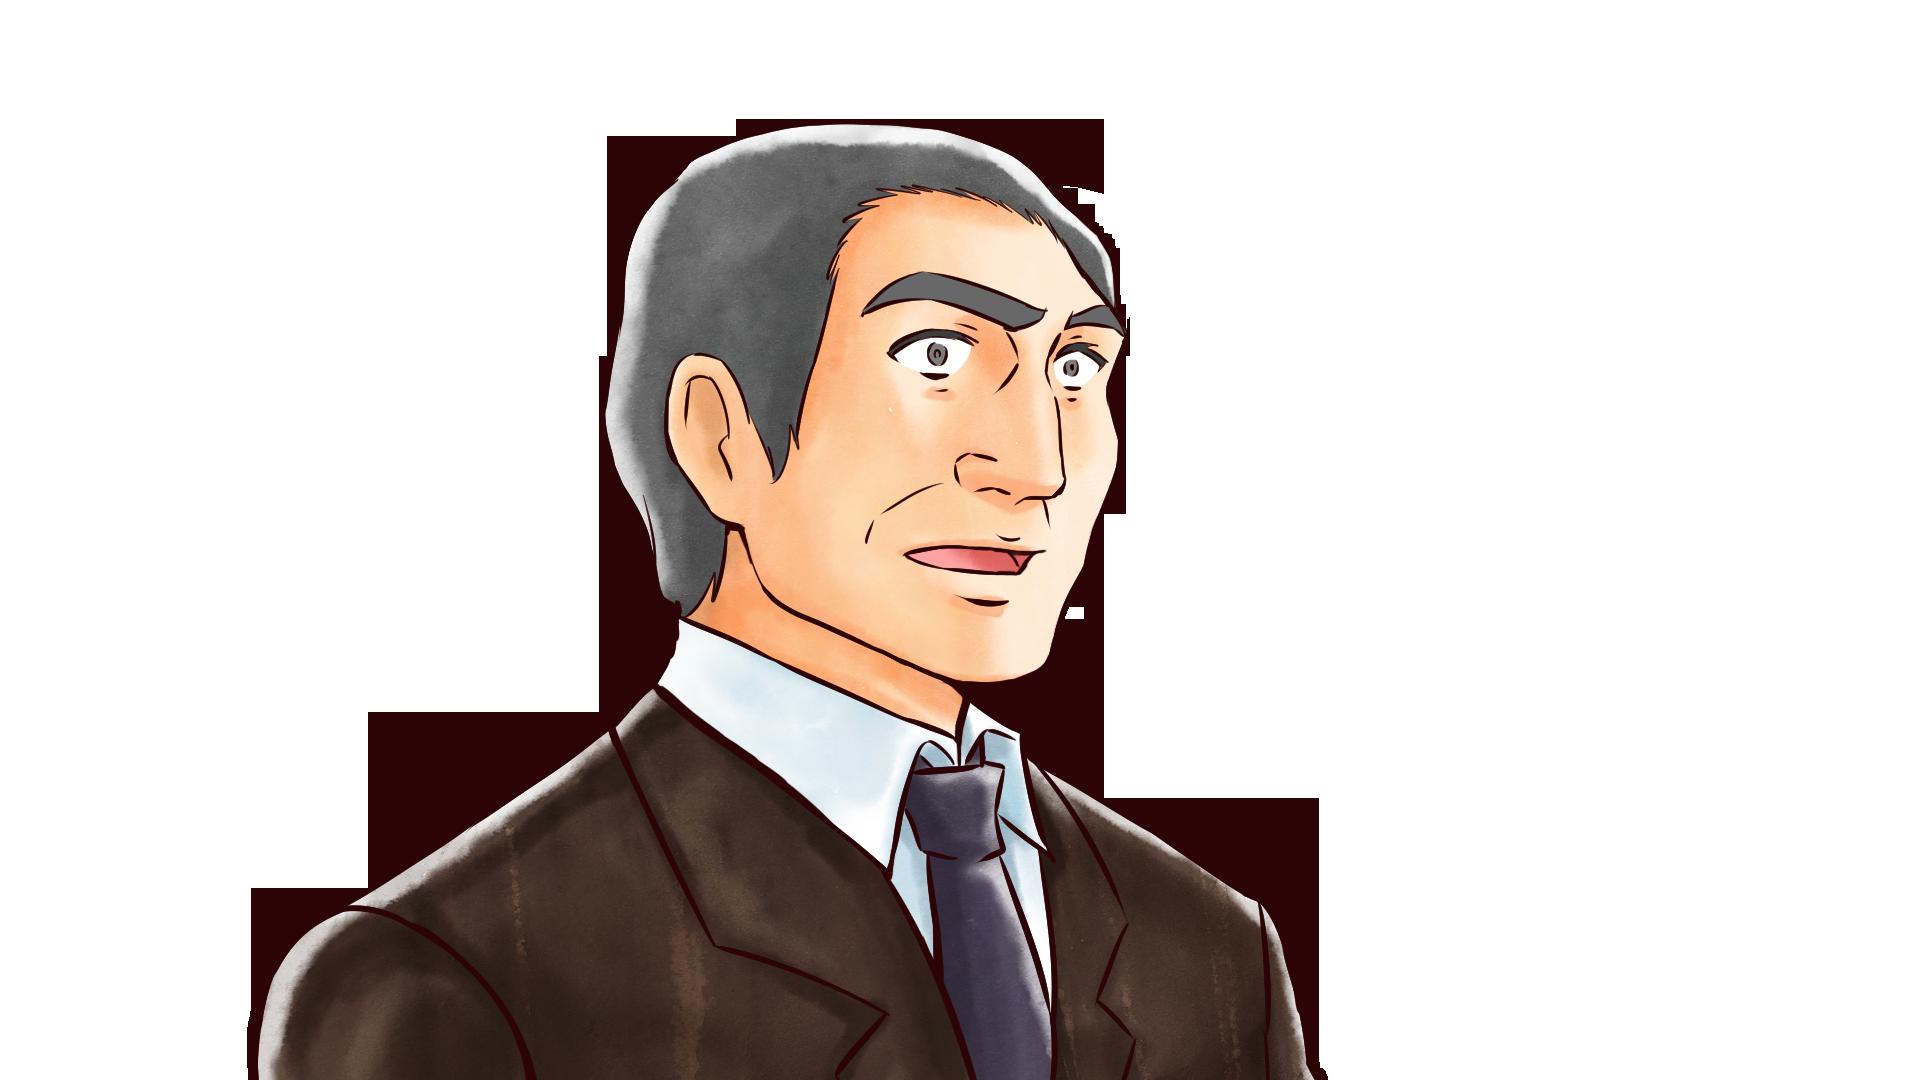 驚きの表情をするおじさん・重役・社長のフリーイラスト画像素材【商用